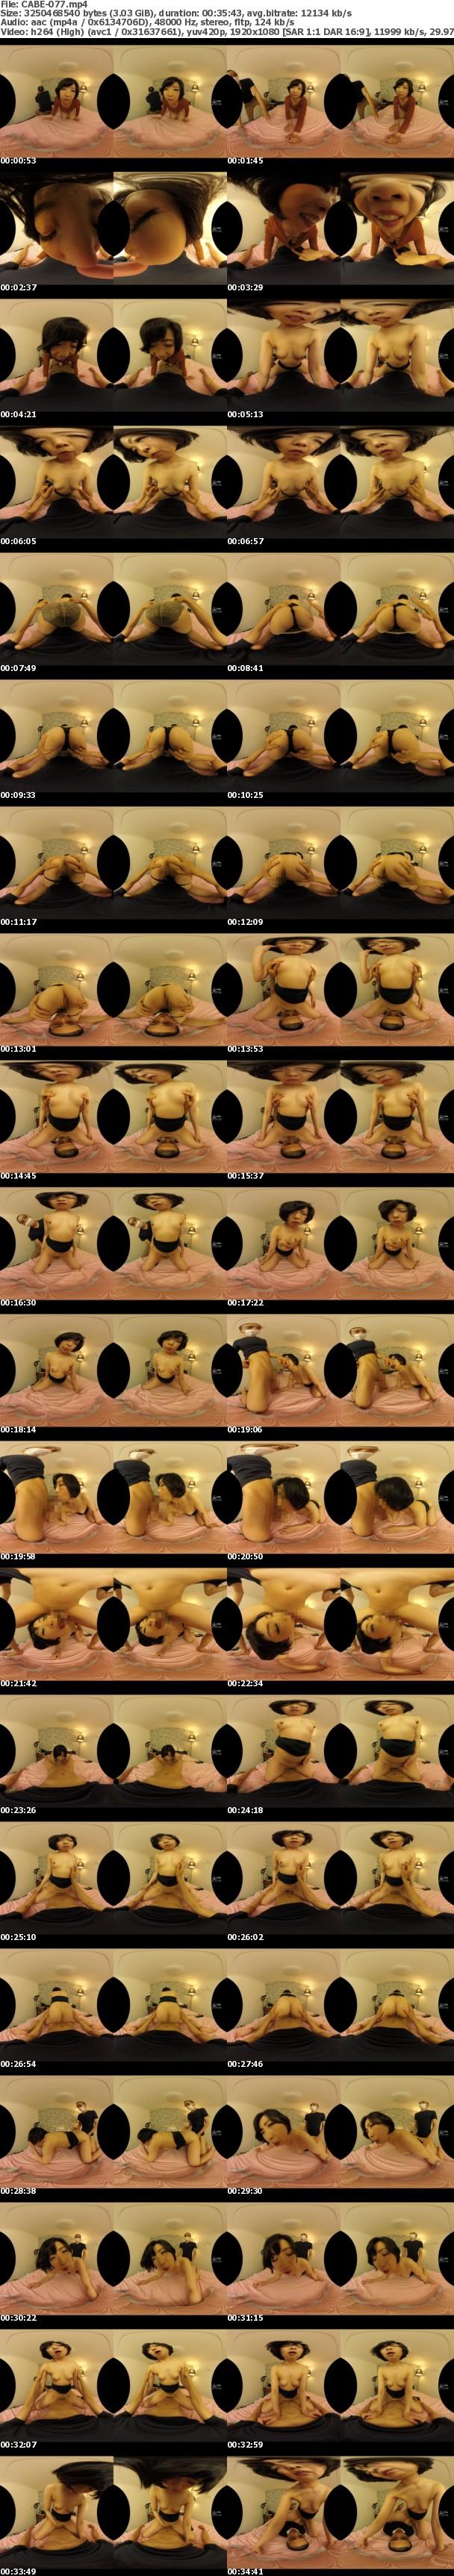 VR/3D CABE-077 ナンパした女を連れ込み言葉巧みにVRで撮影。個人的に楽しむなんて嘘に決まってるwww VRハメ撮り師な俺が撮った映像放出 vol.14